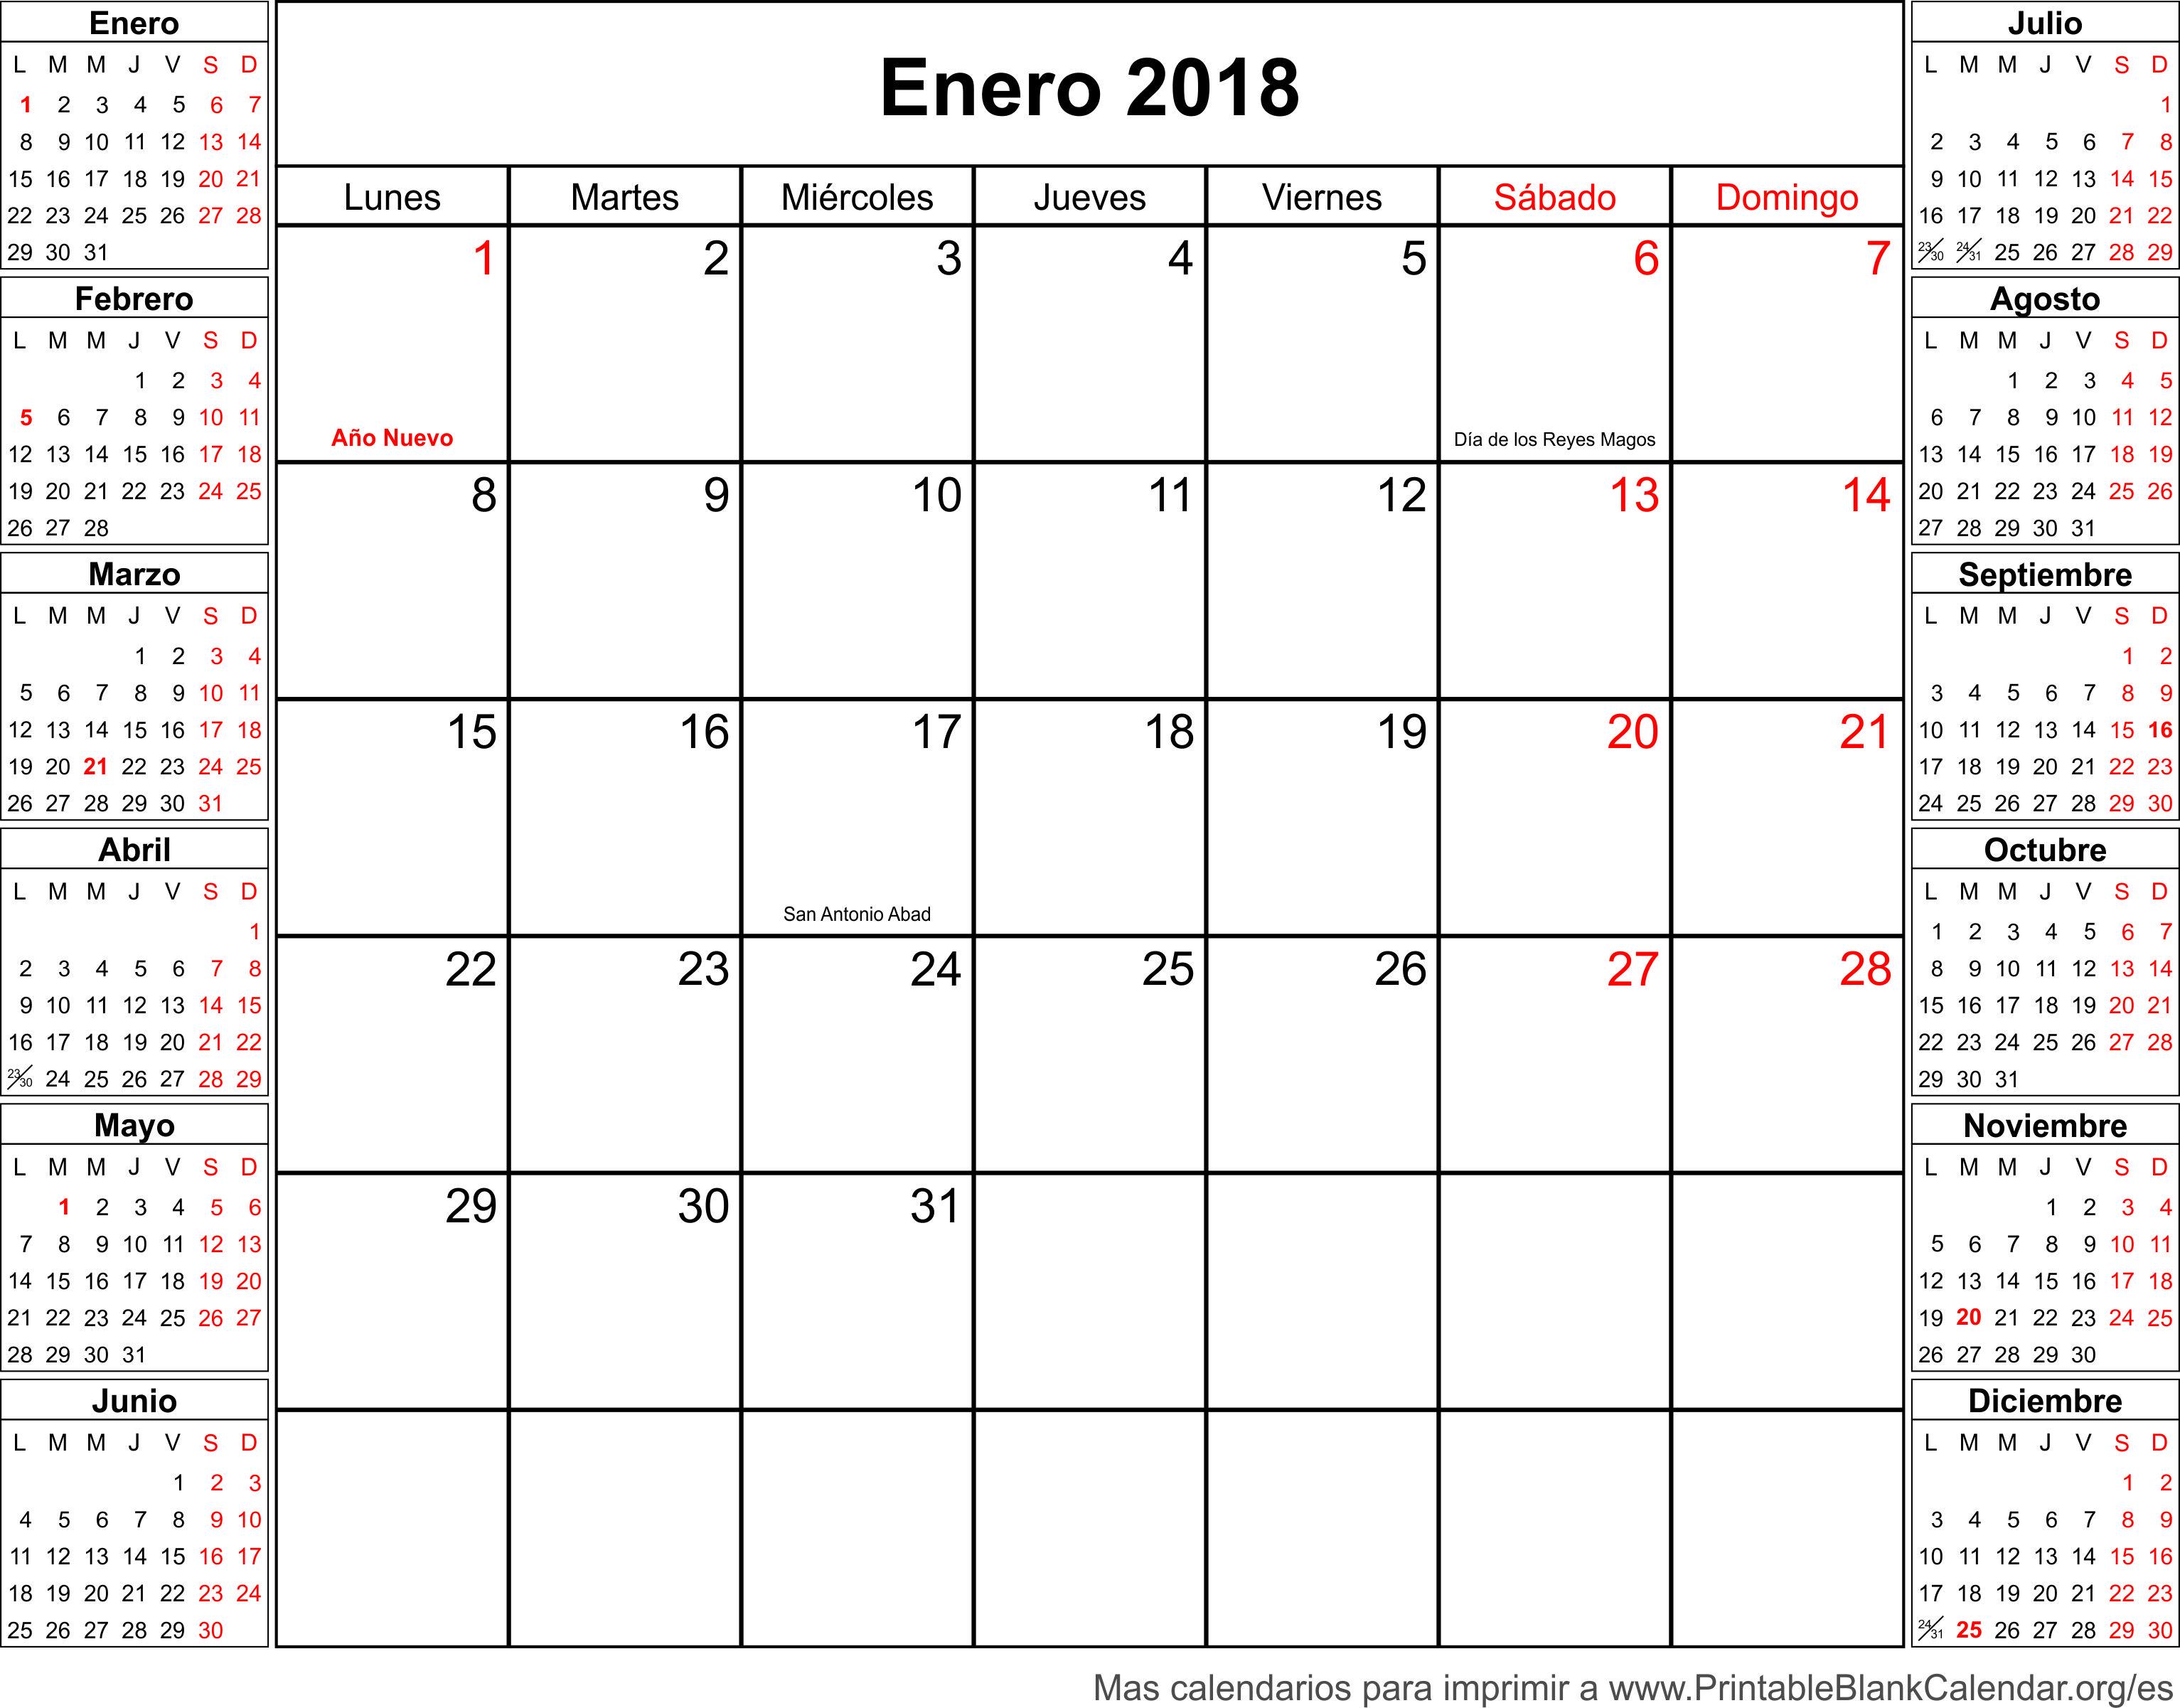 calendario para imprimir enero 2018